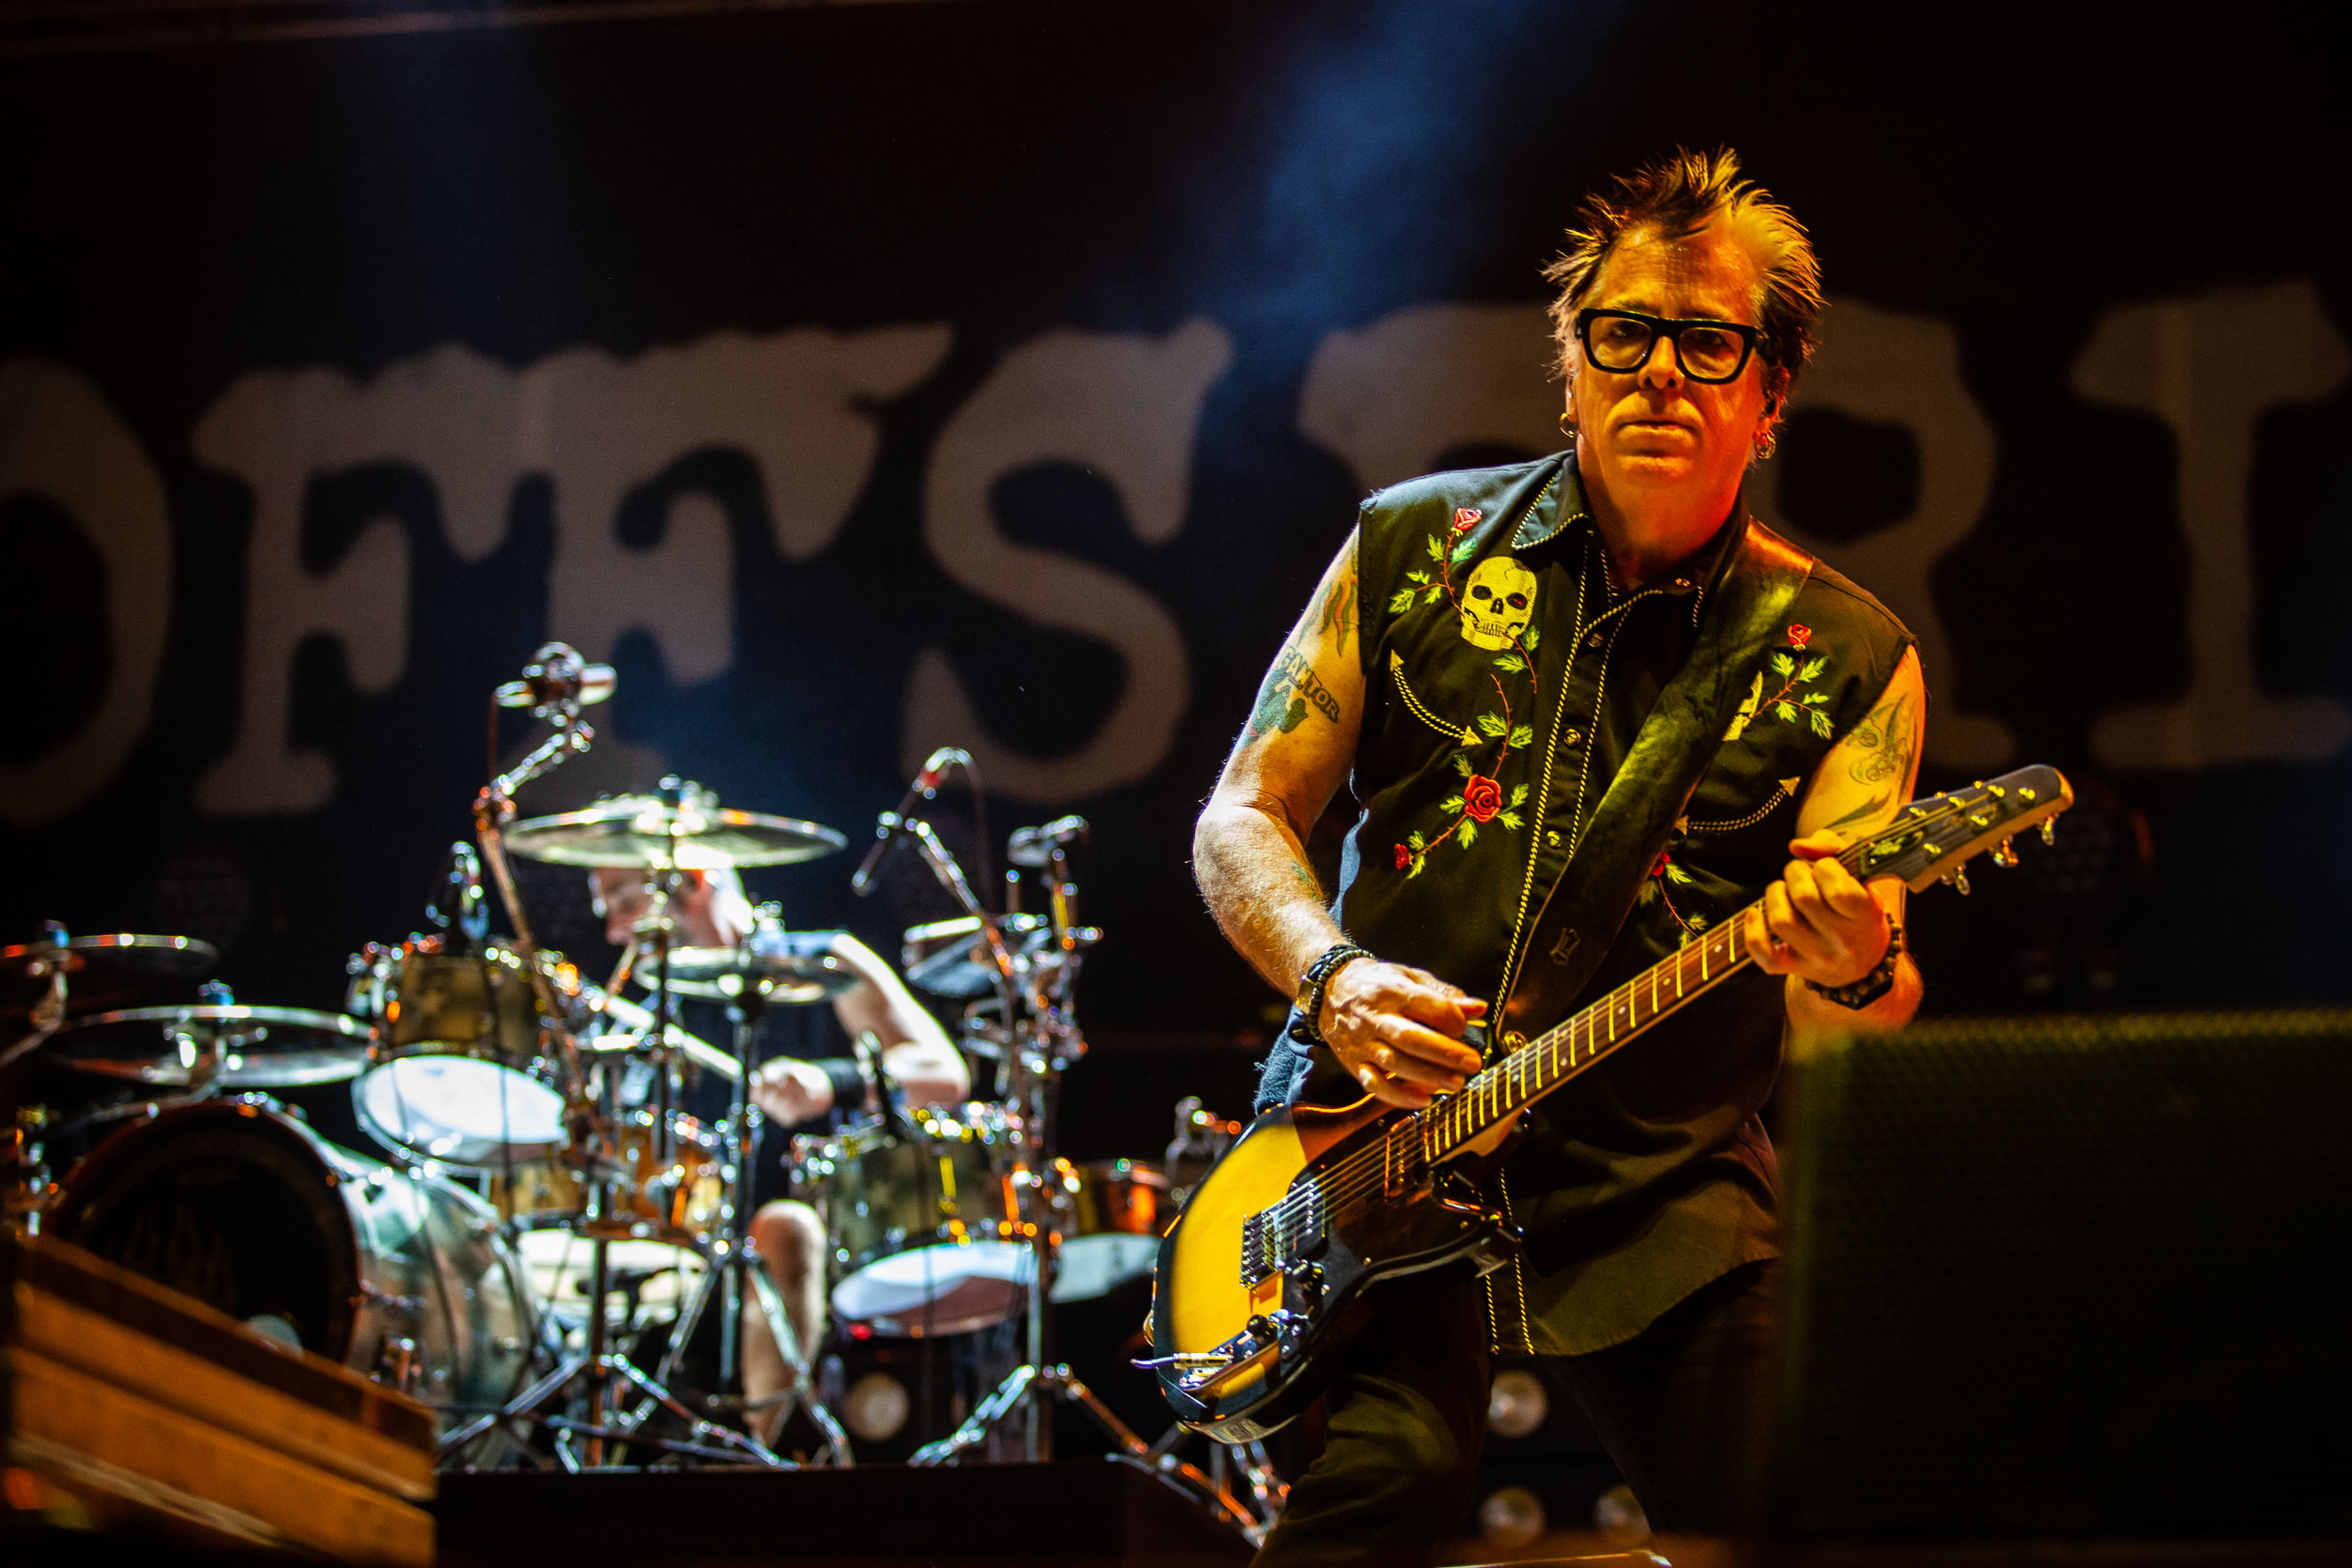 De um lado, a festa punk dos Offspring. Do outro, o melodrama gótico. Ganhou o punk